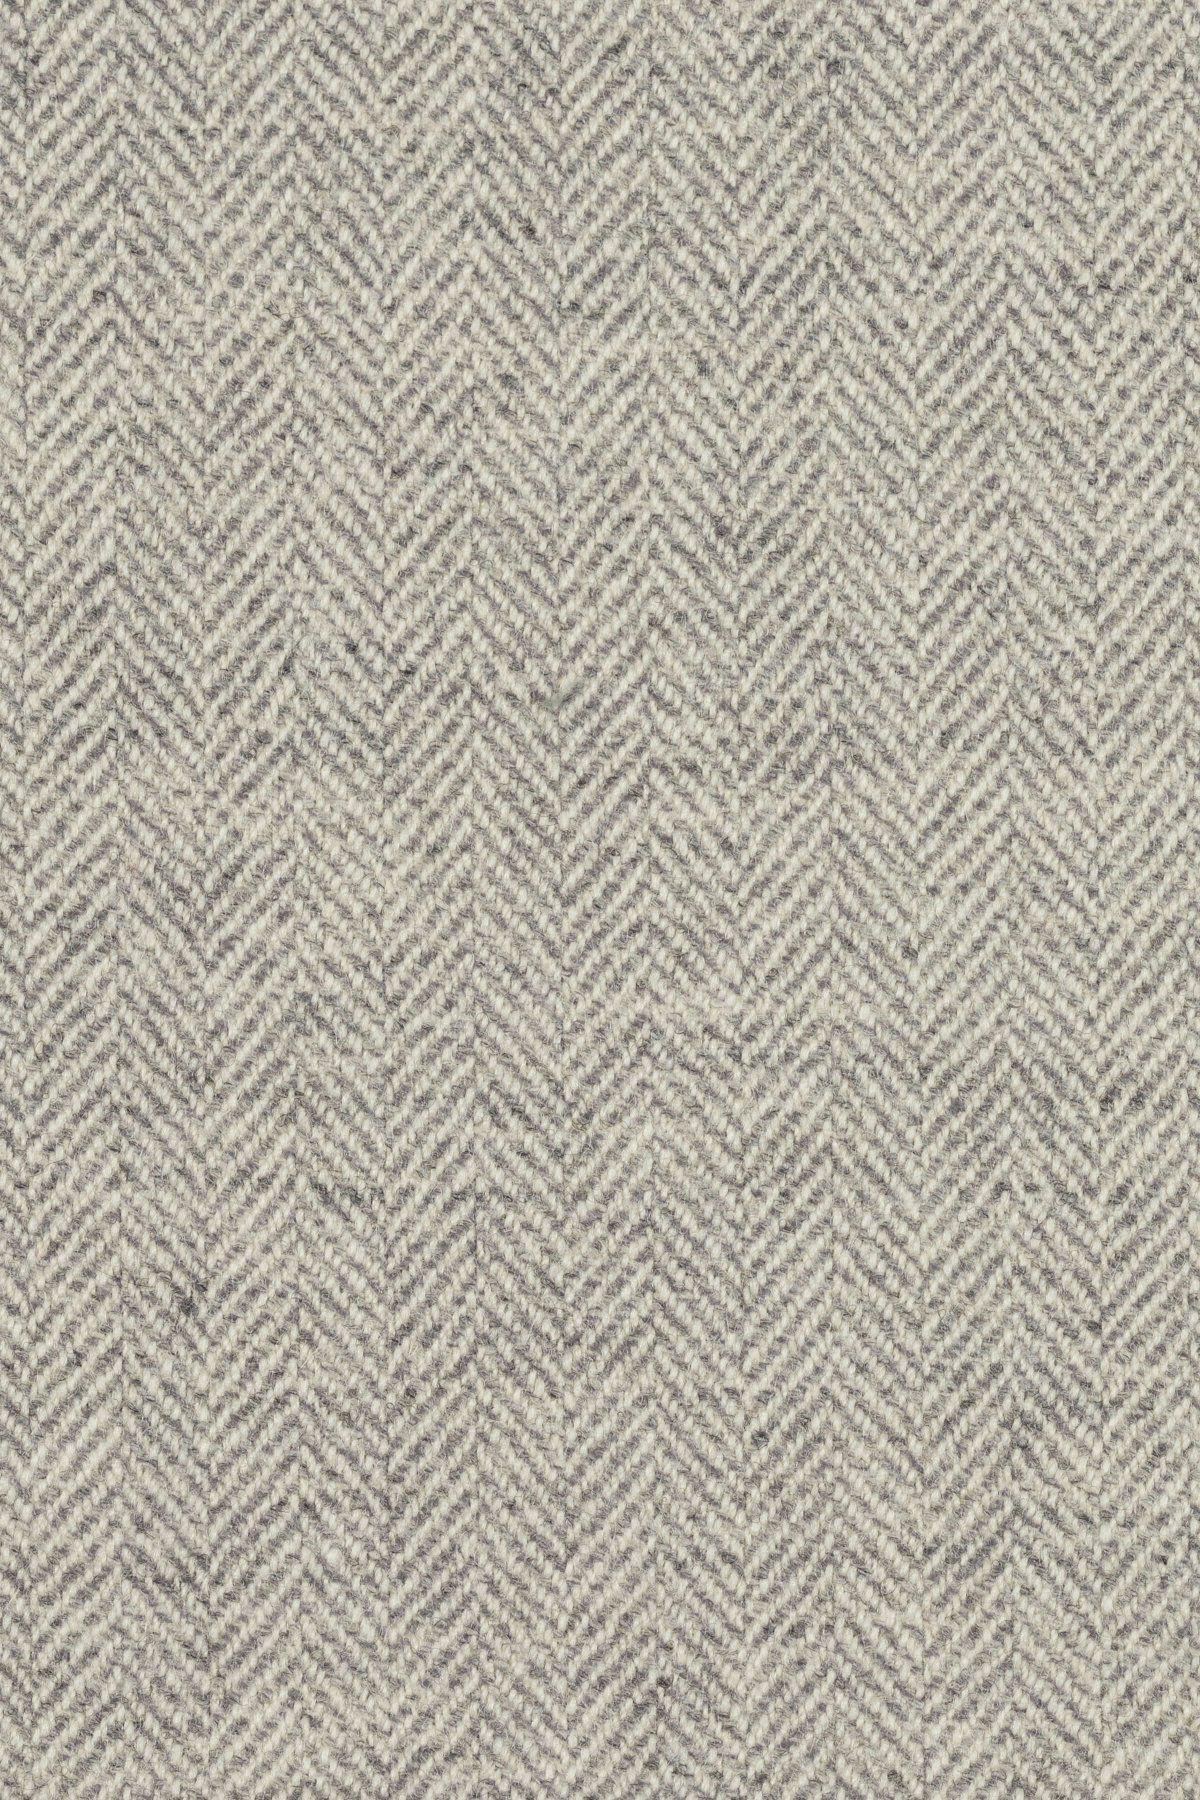 Astral Herringbone Nickel Wool Cloth U3029 B12 In 2020